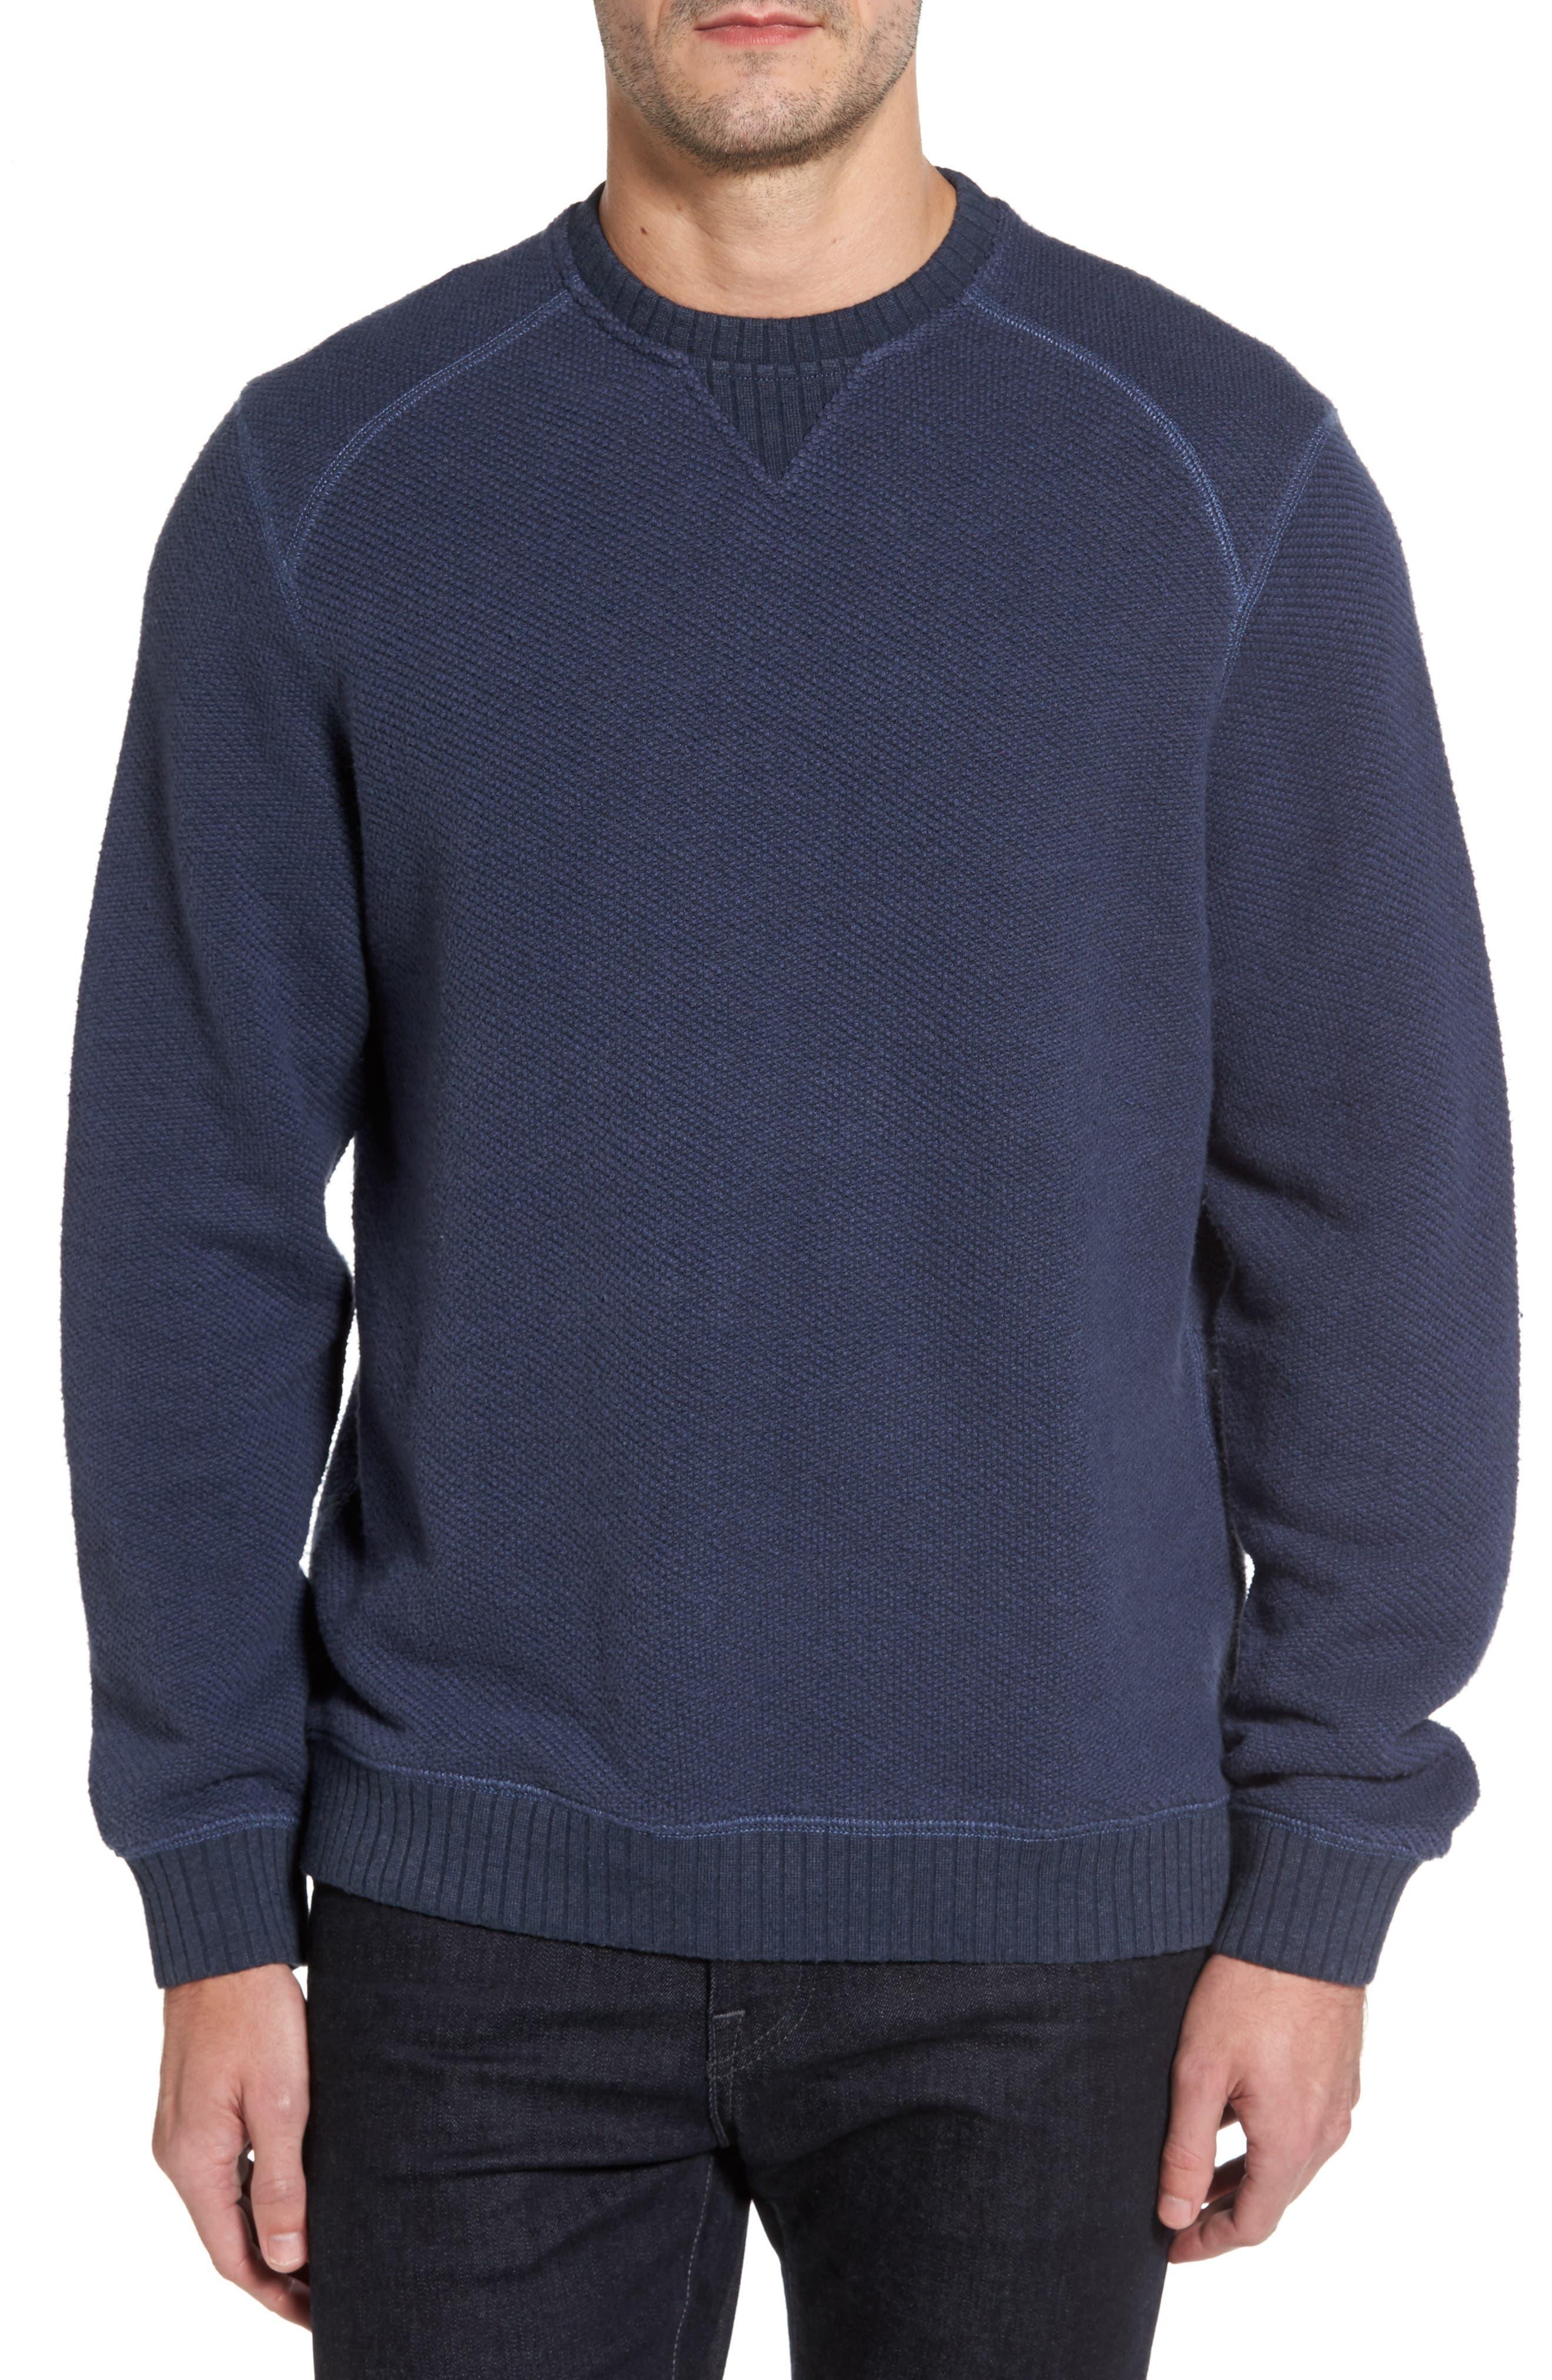 Surfari Crewneck Sweatshirt,                         Main,                         color, 001